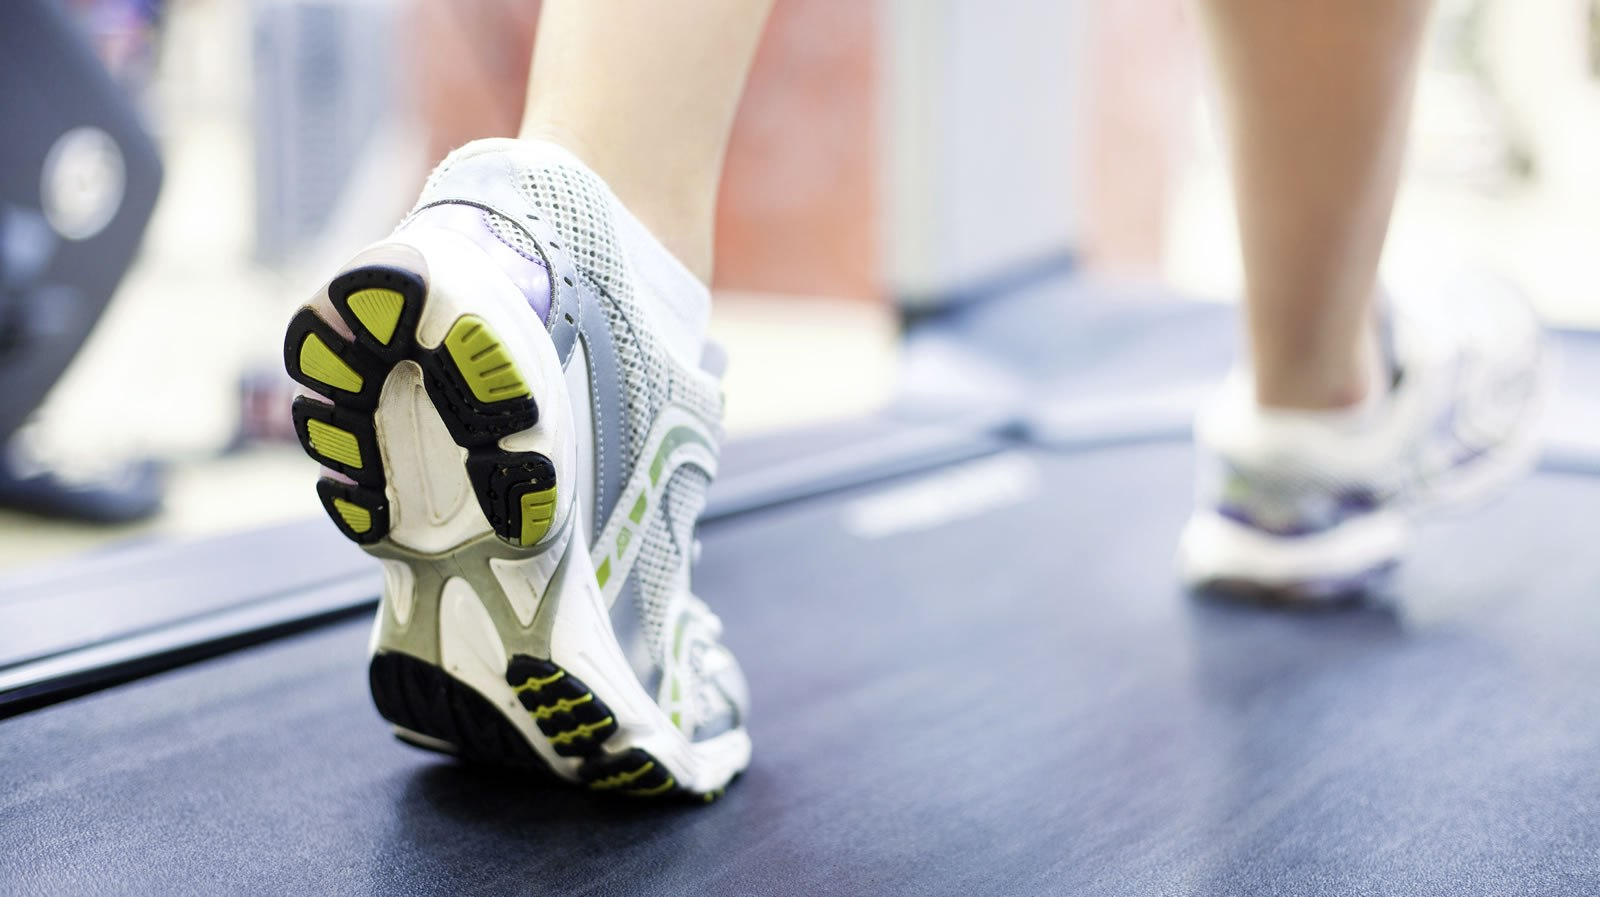 Сколько км нужно ходить, чтобы похудеть?